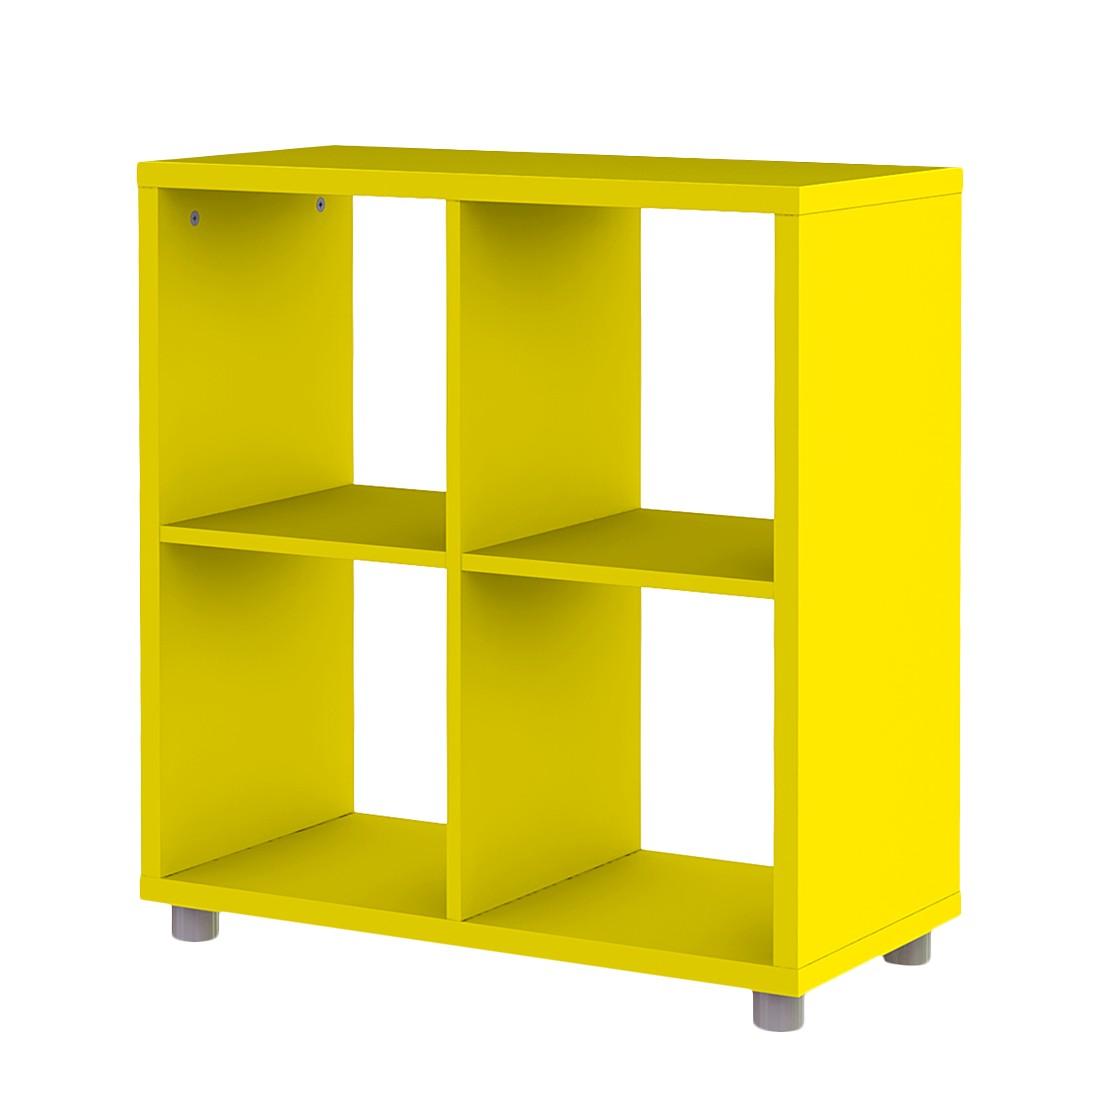 Regal Viereckig Box – Gelb, Tenzo jetzt kaufen